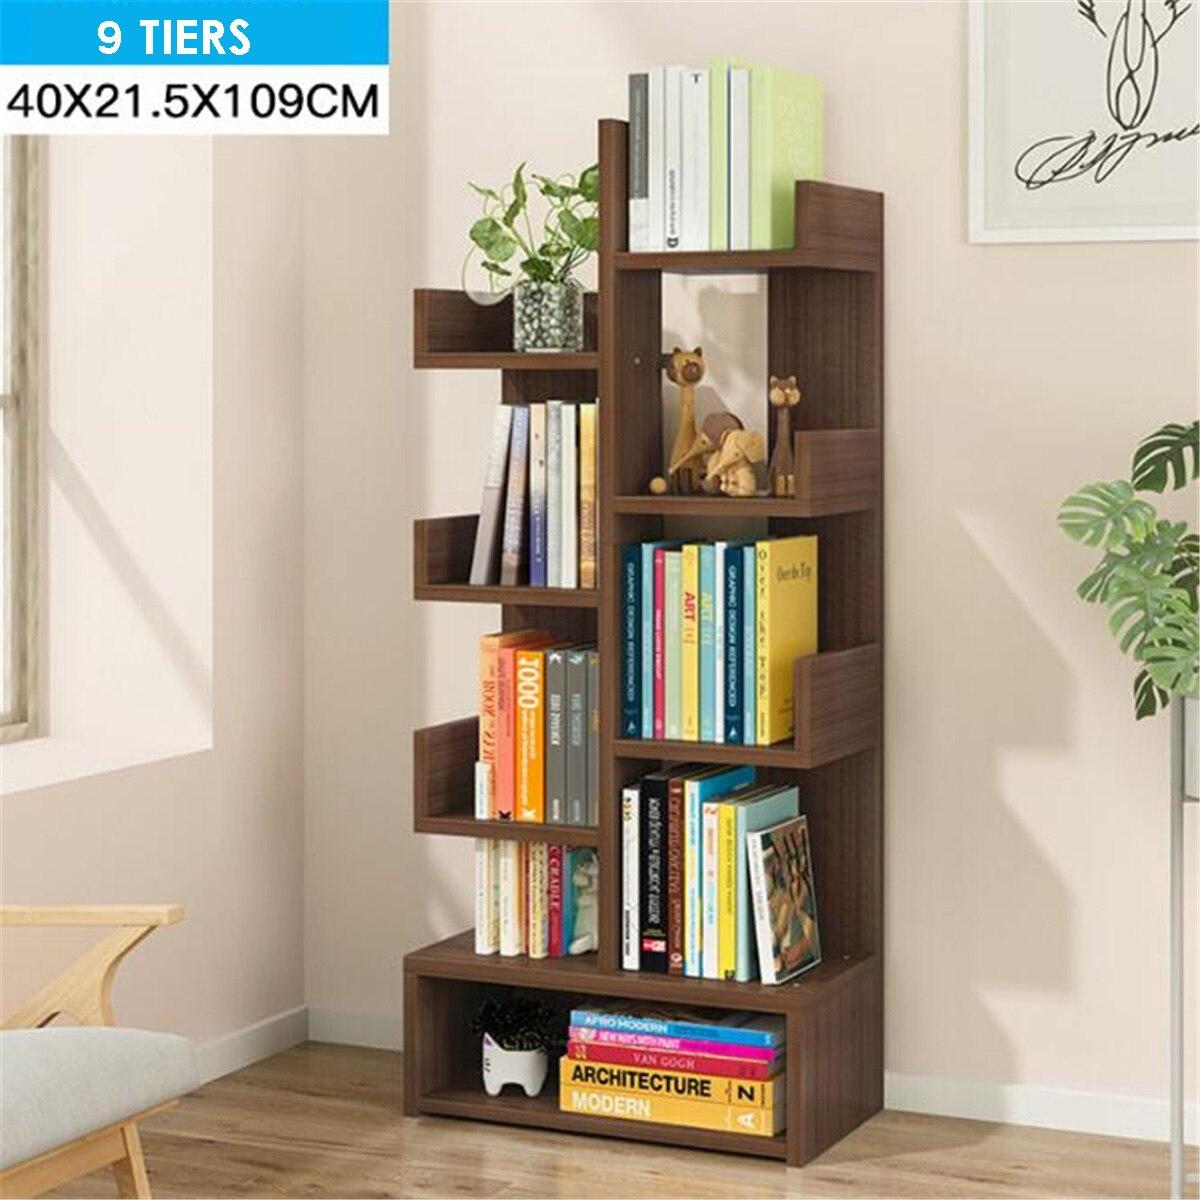 Estantería de libros de varias rejillas, estante de exhibición, muebles, decoración de estudio, estantería de madera en forma de árbol